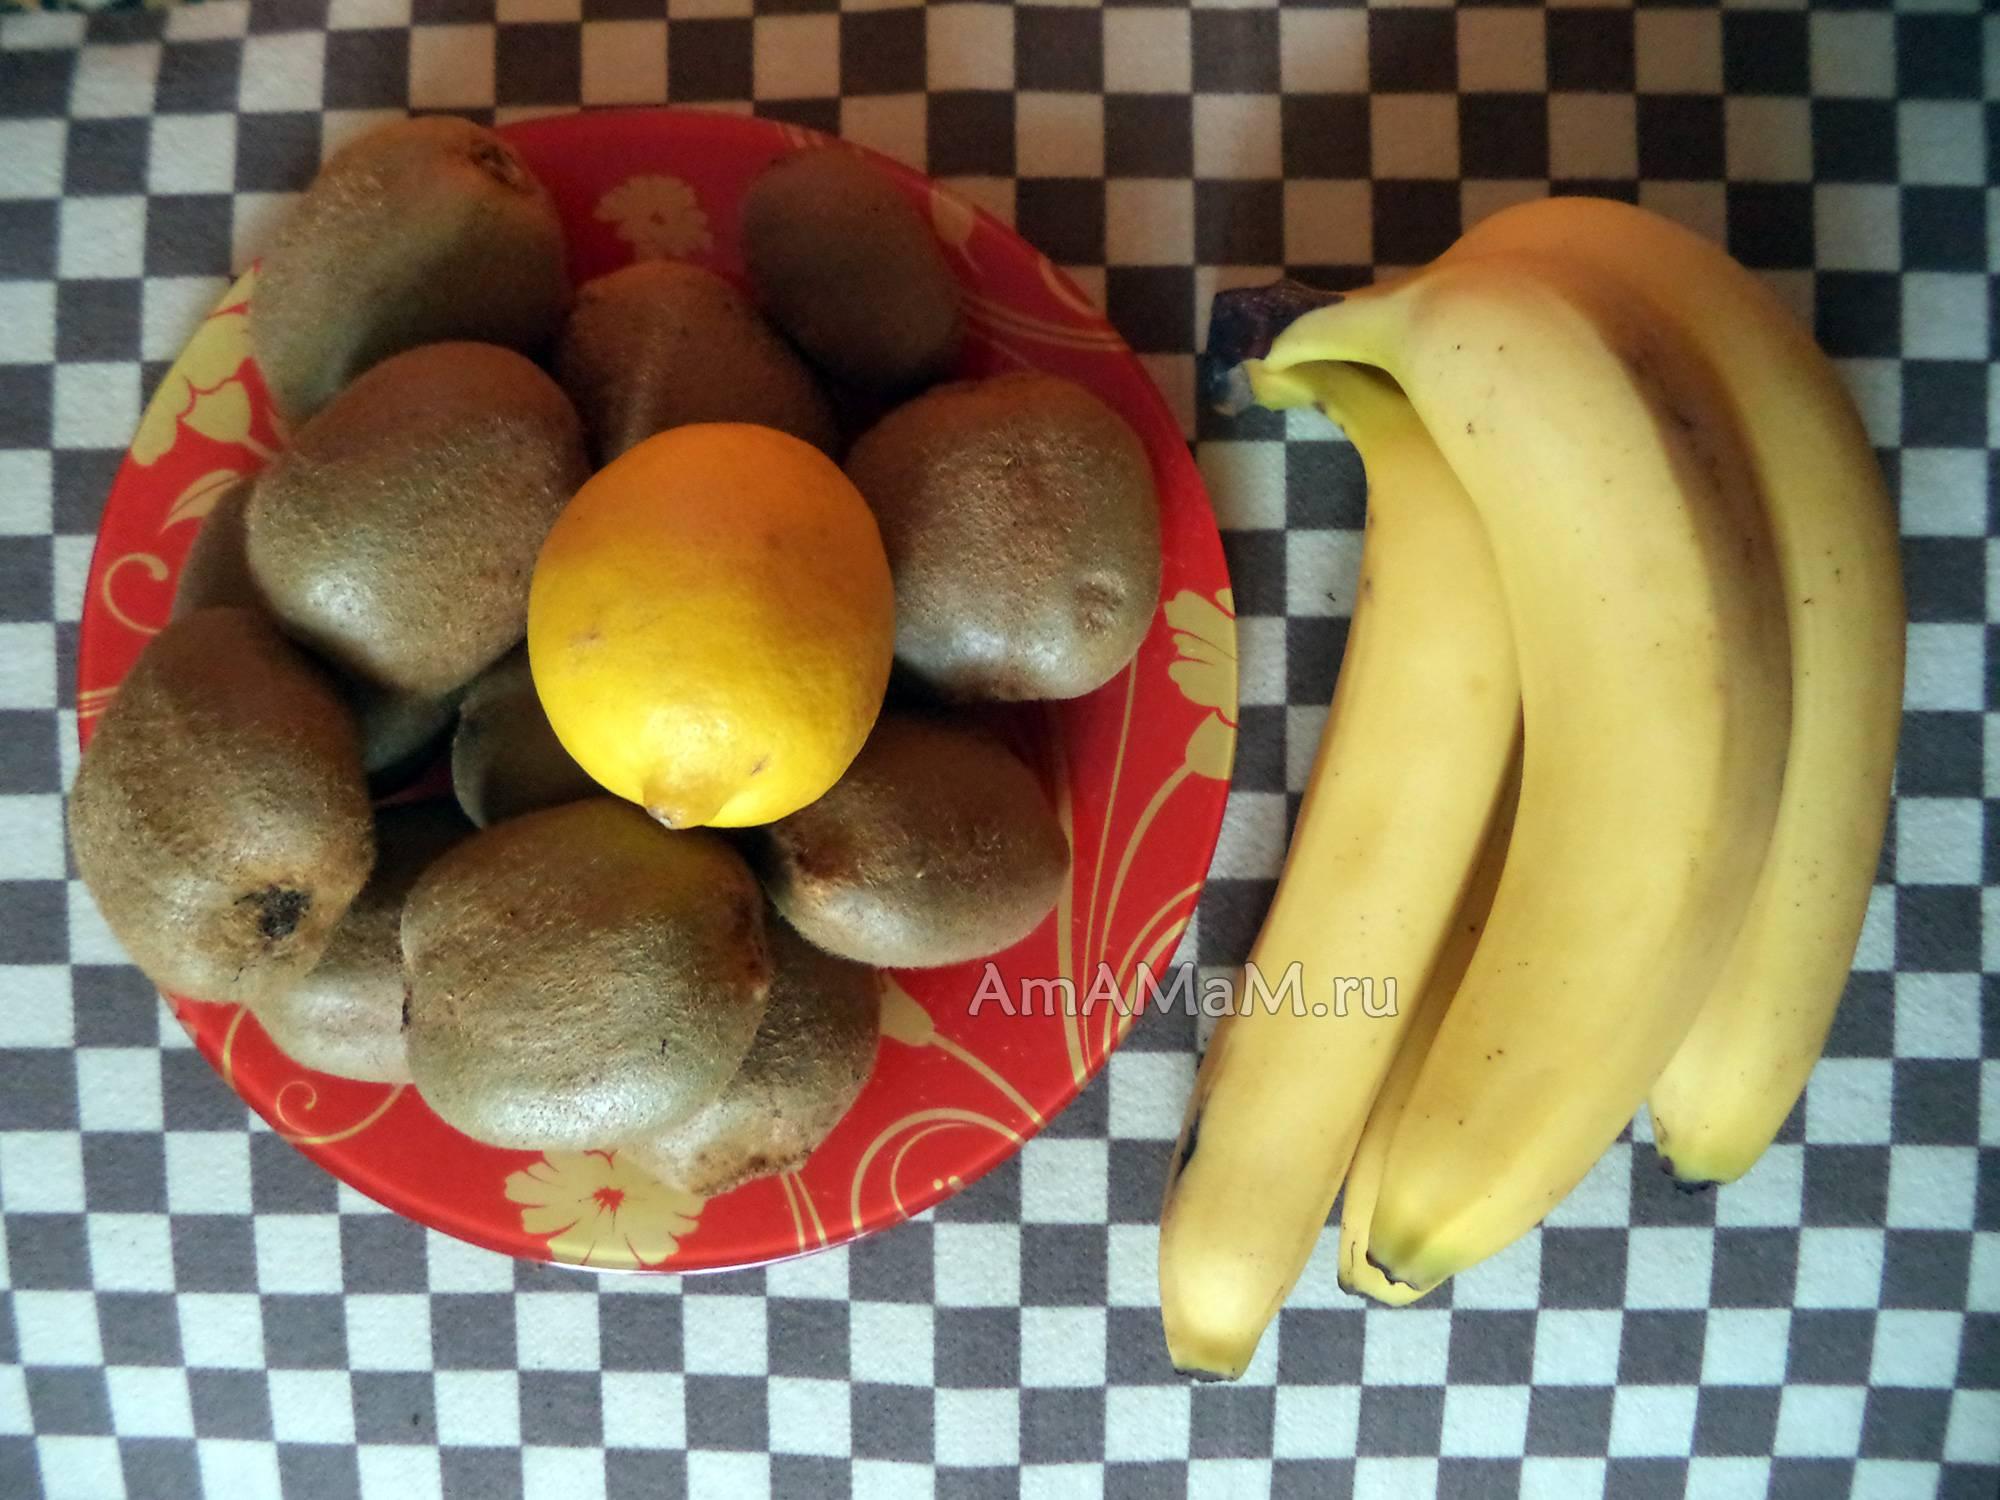 Простой рецепт приготовления варенья из киви и банана на зиму